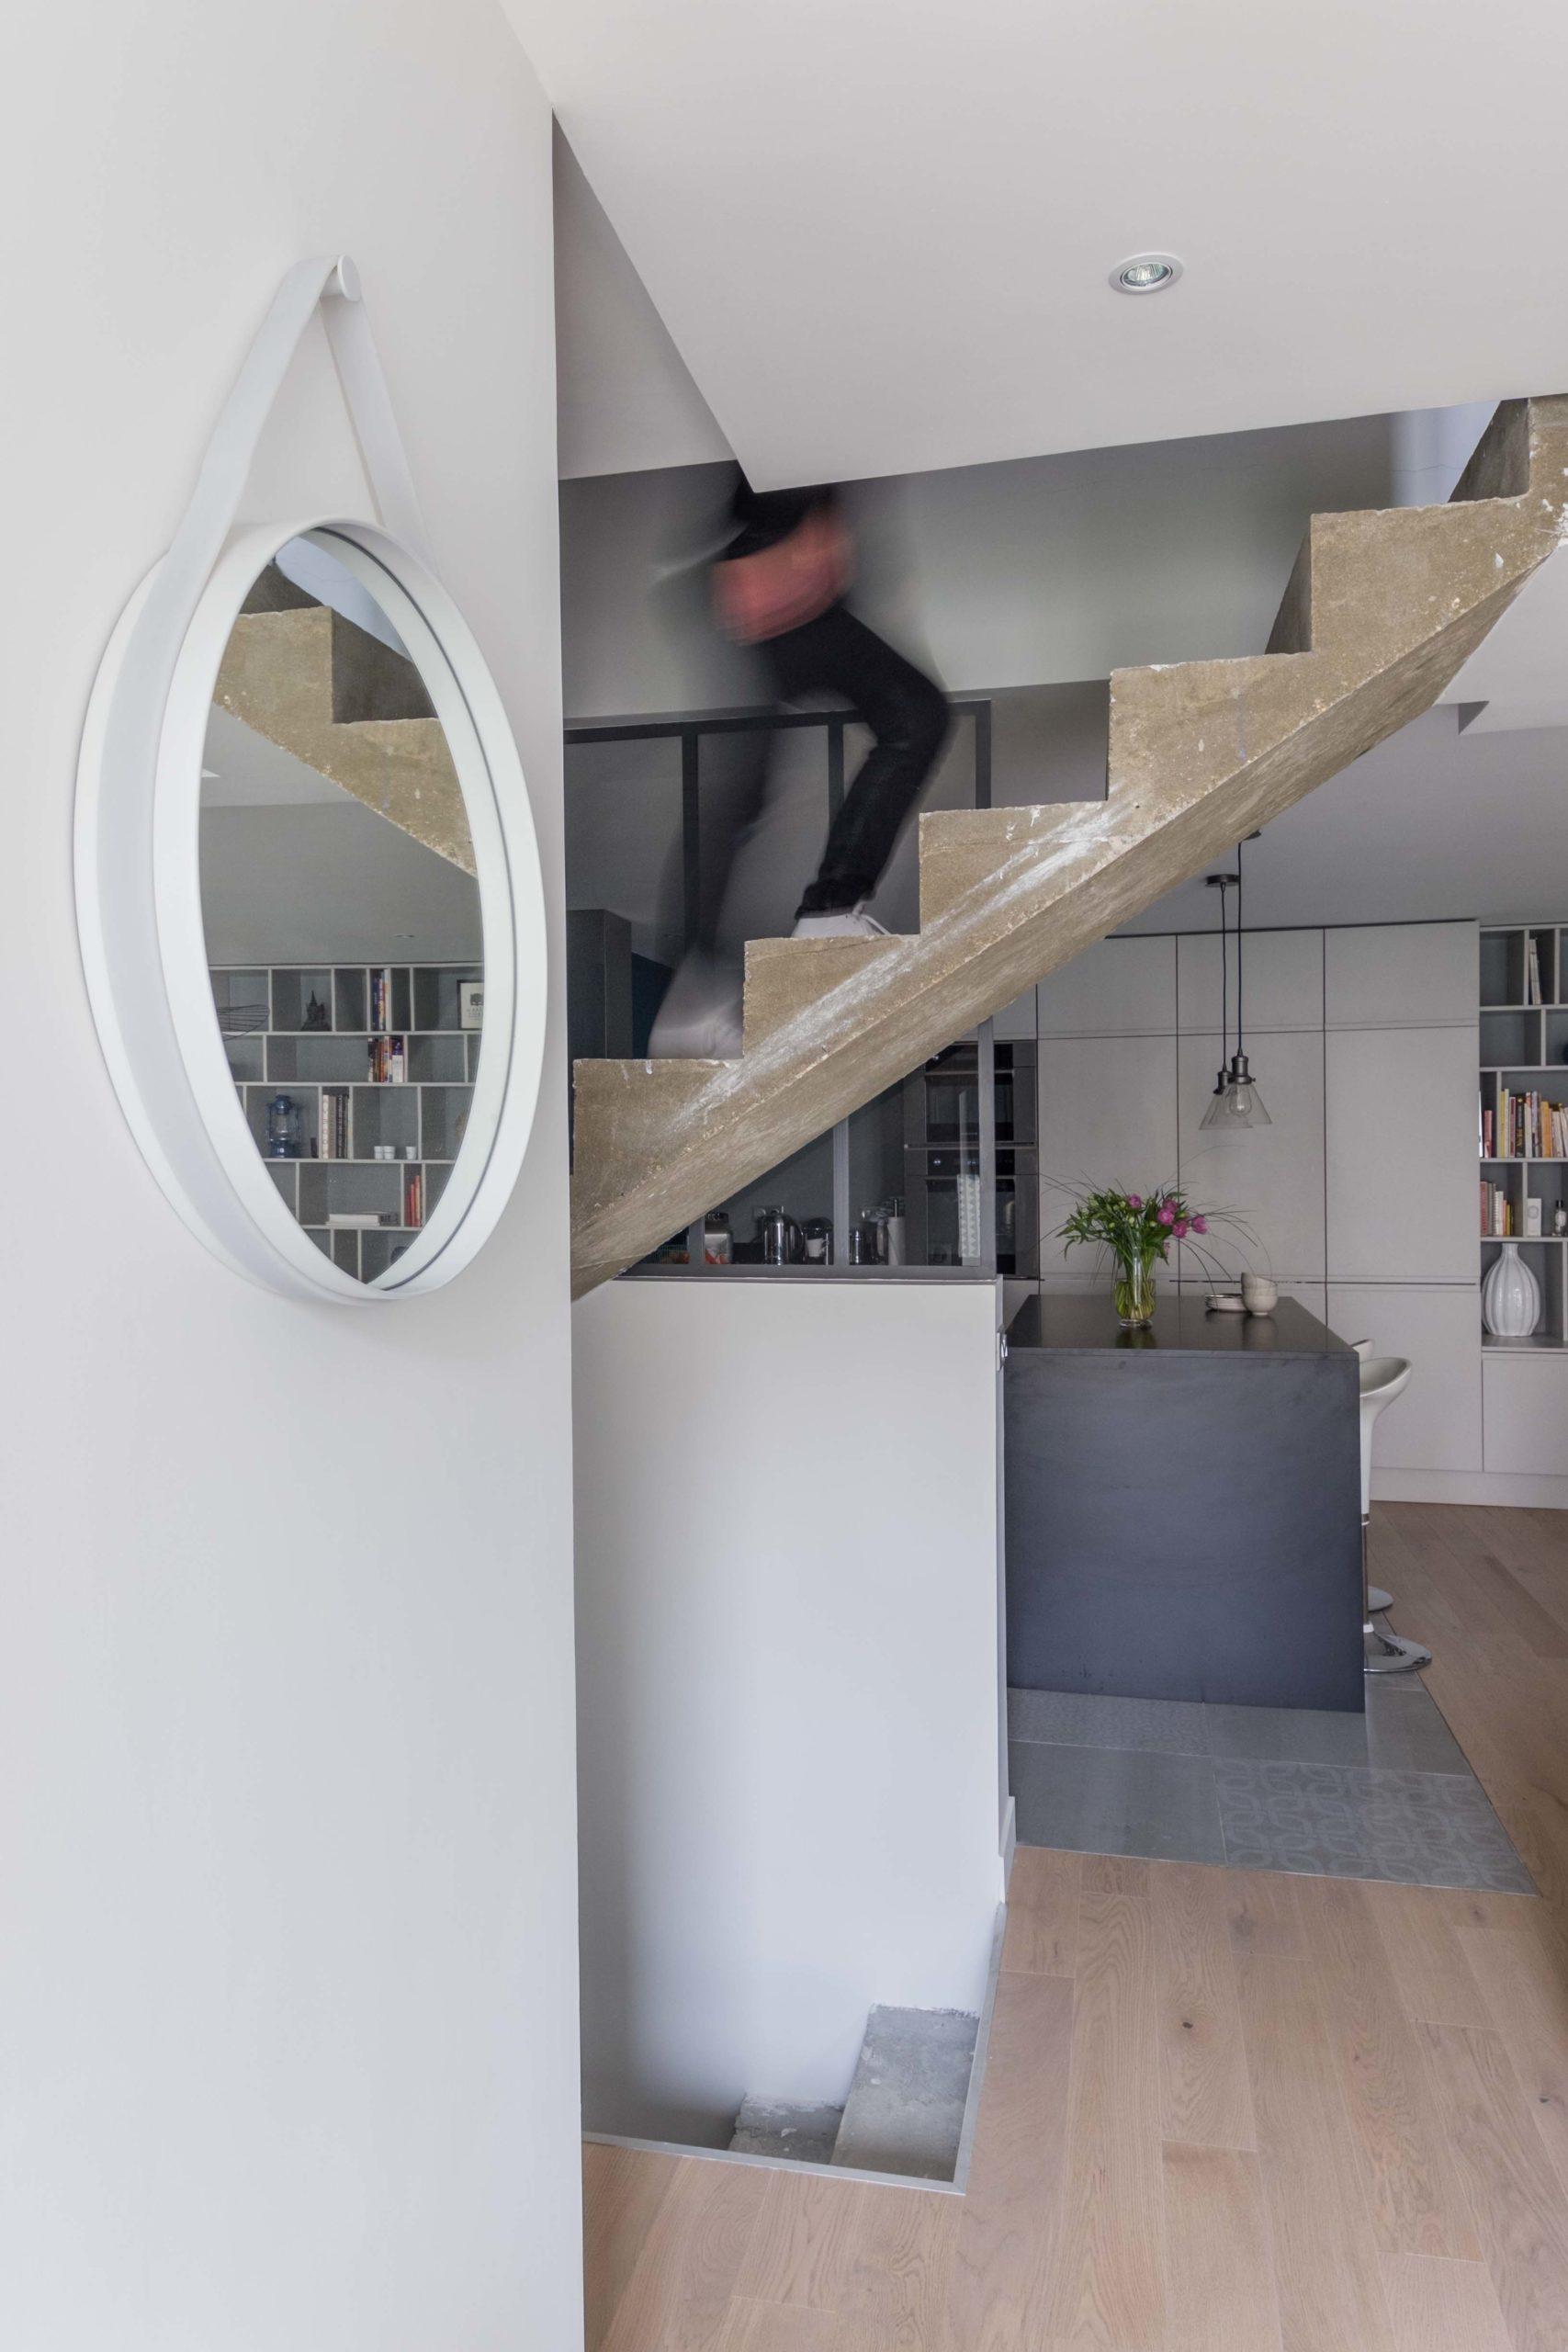 escalier béton avec vue sur cuisine ouverte avec ilot et bibliothèque